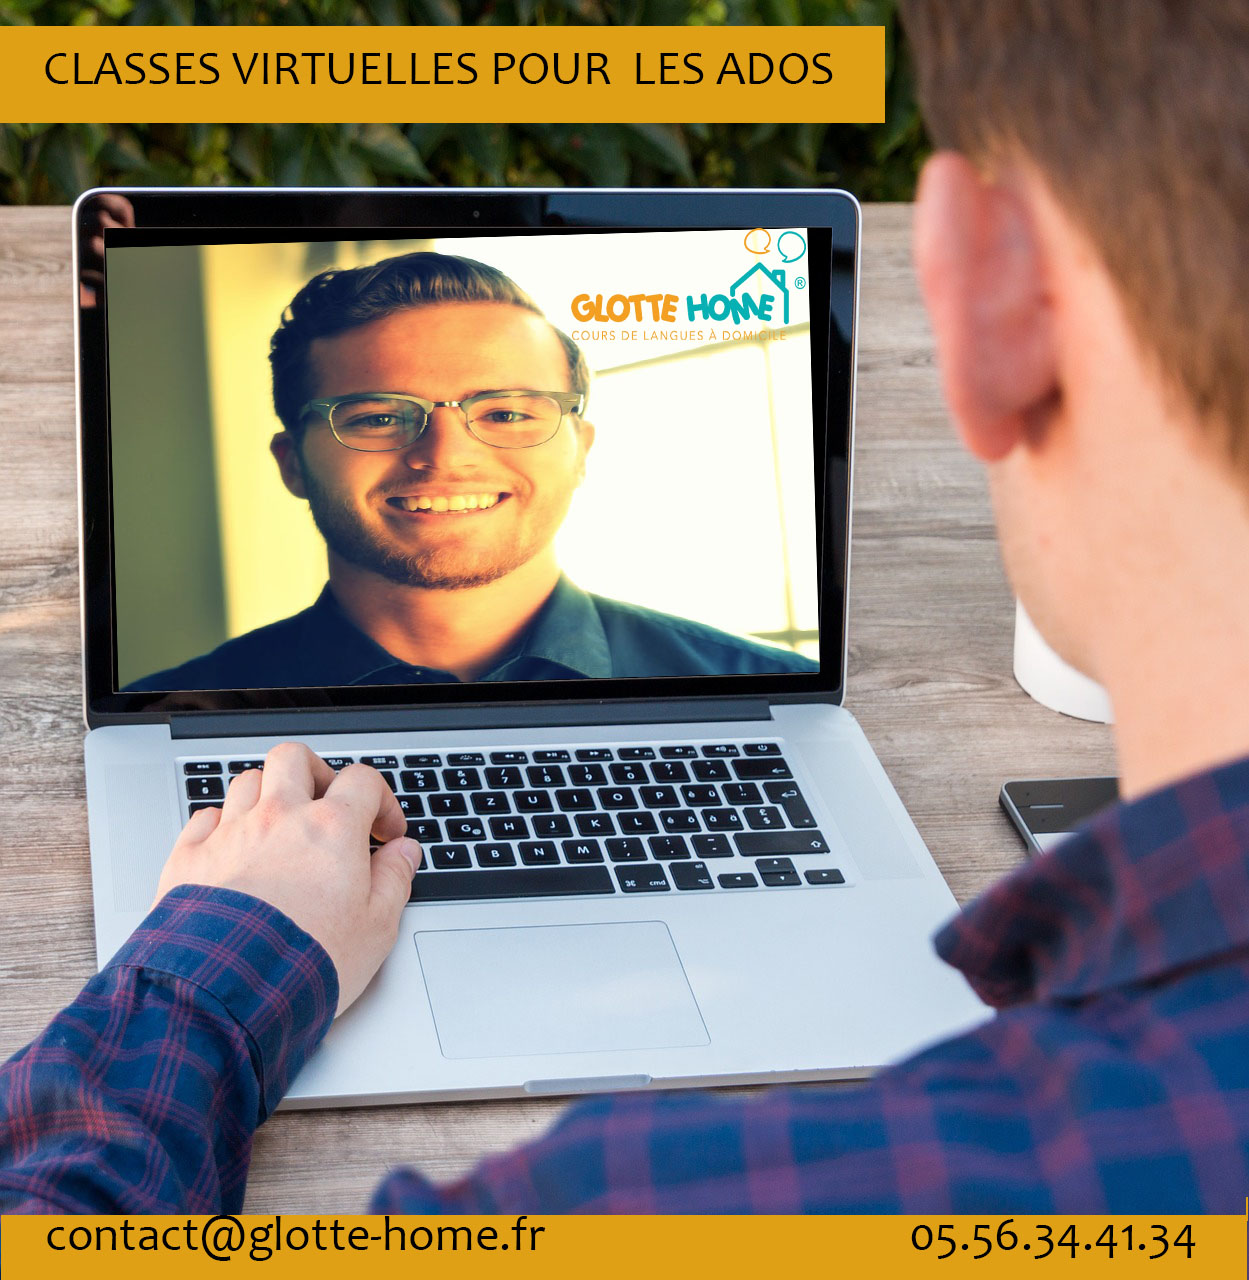 classes virtuelles d'anglais et espagnol